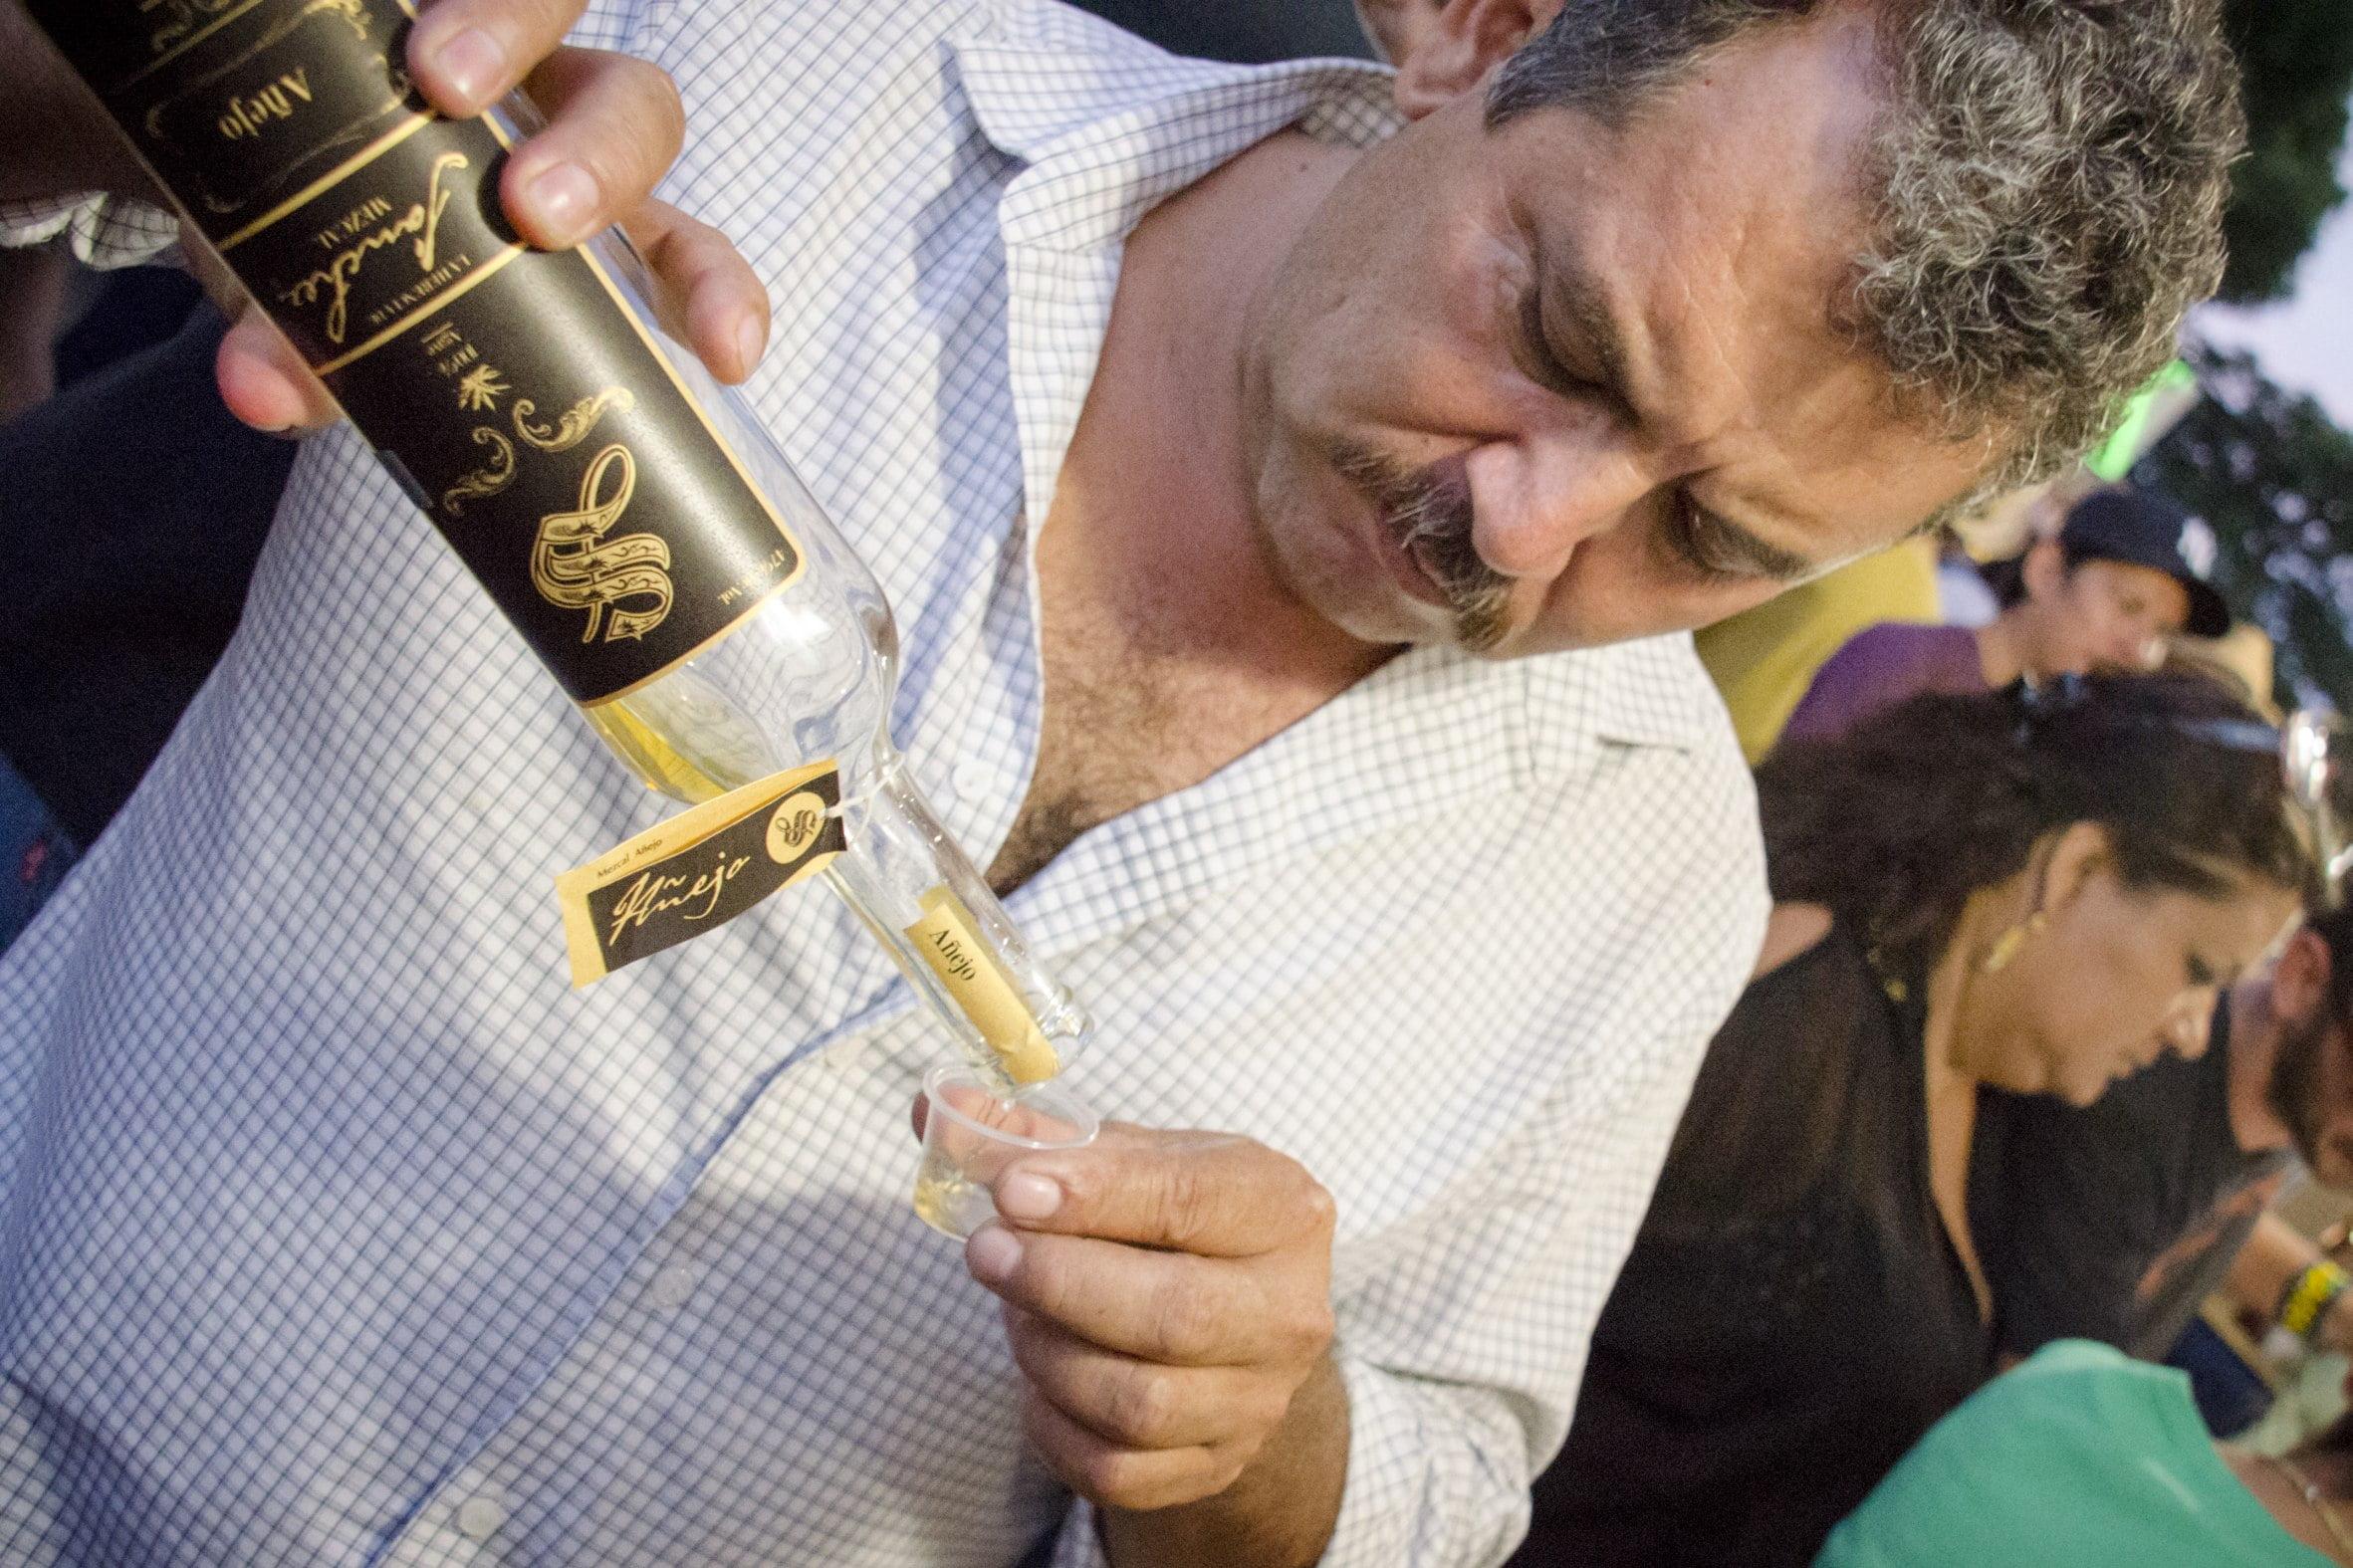 Oaxaca mezcal festival - Things to do in Oaxaca